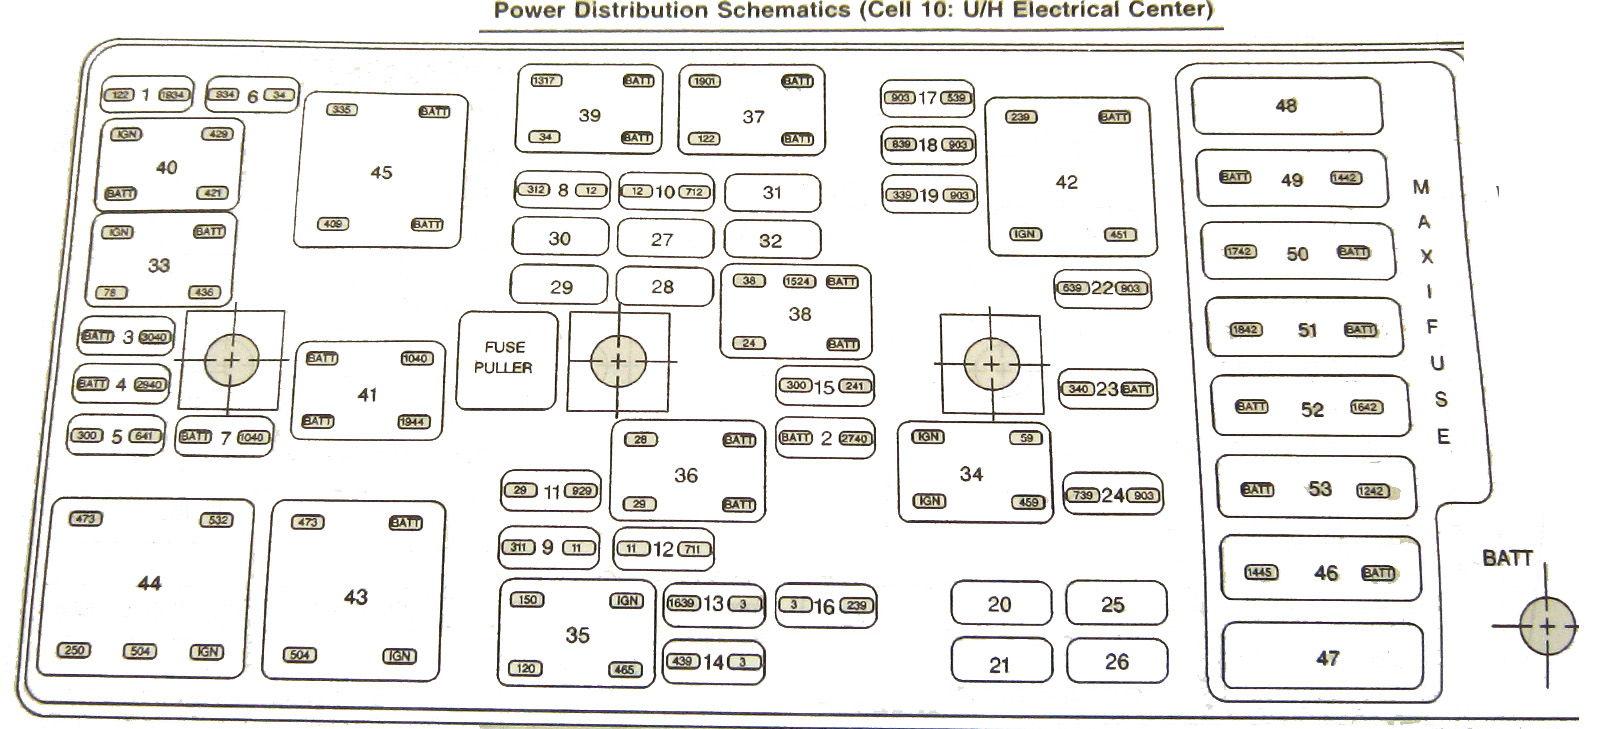 1985 corvette fuse box diagram - best wiring diagrams bite-solo -  bite-solo.ekoegur.es  ekoegur.es